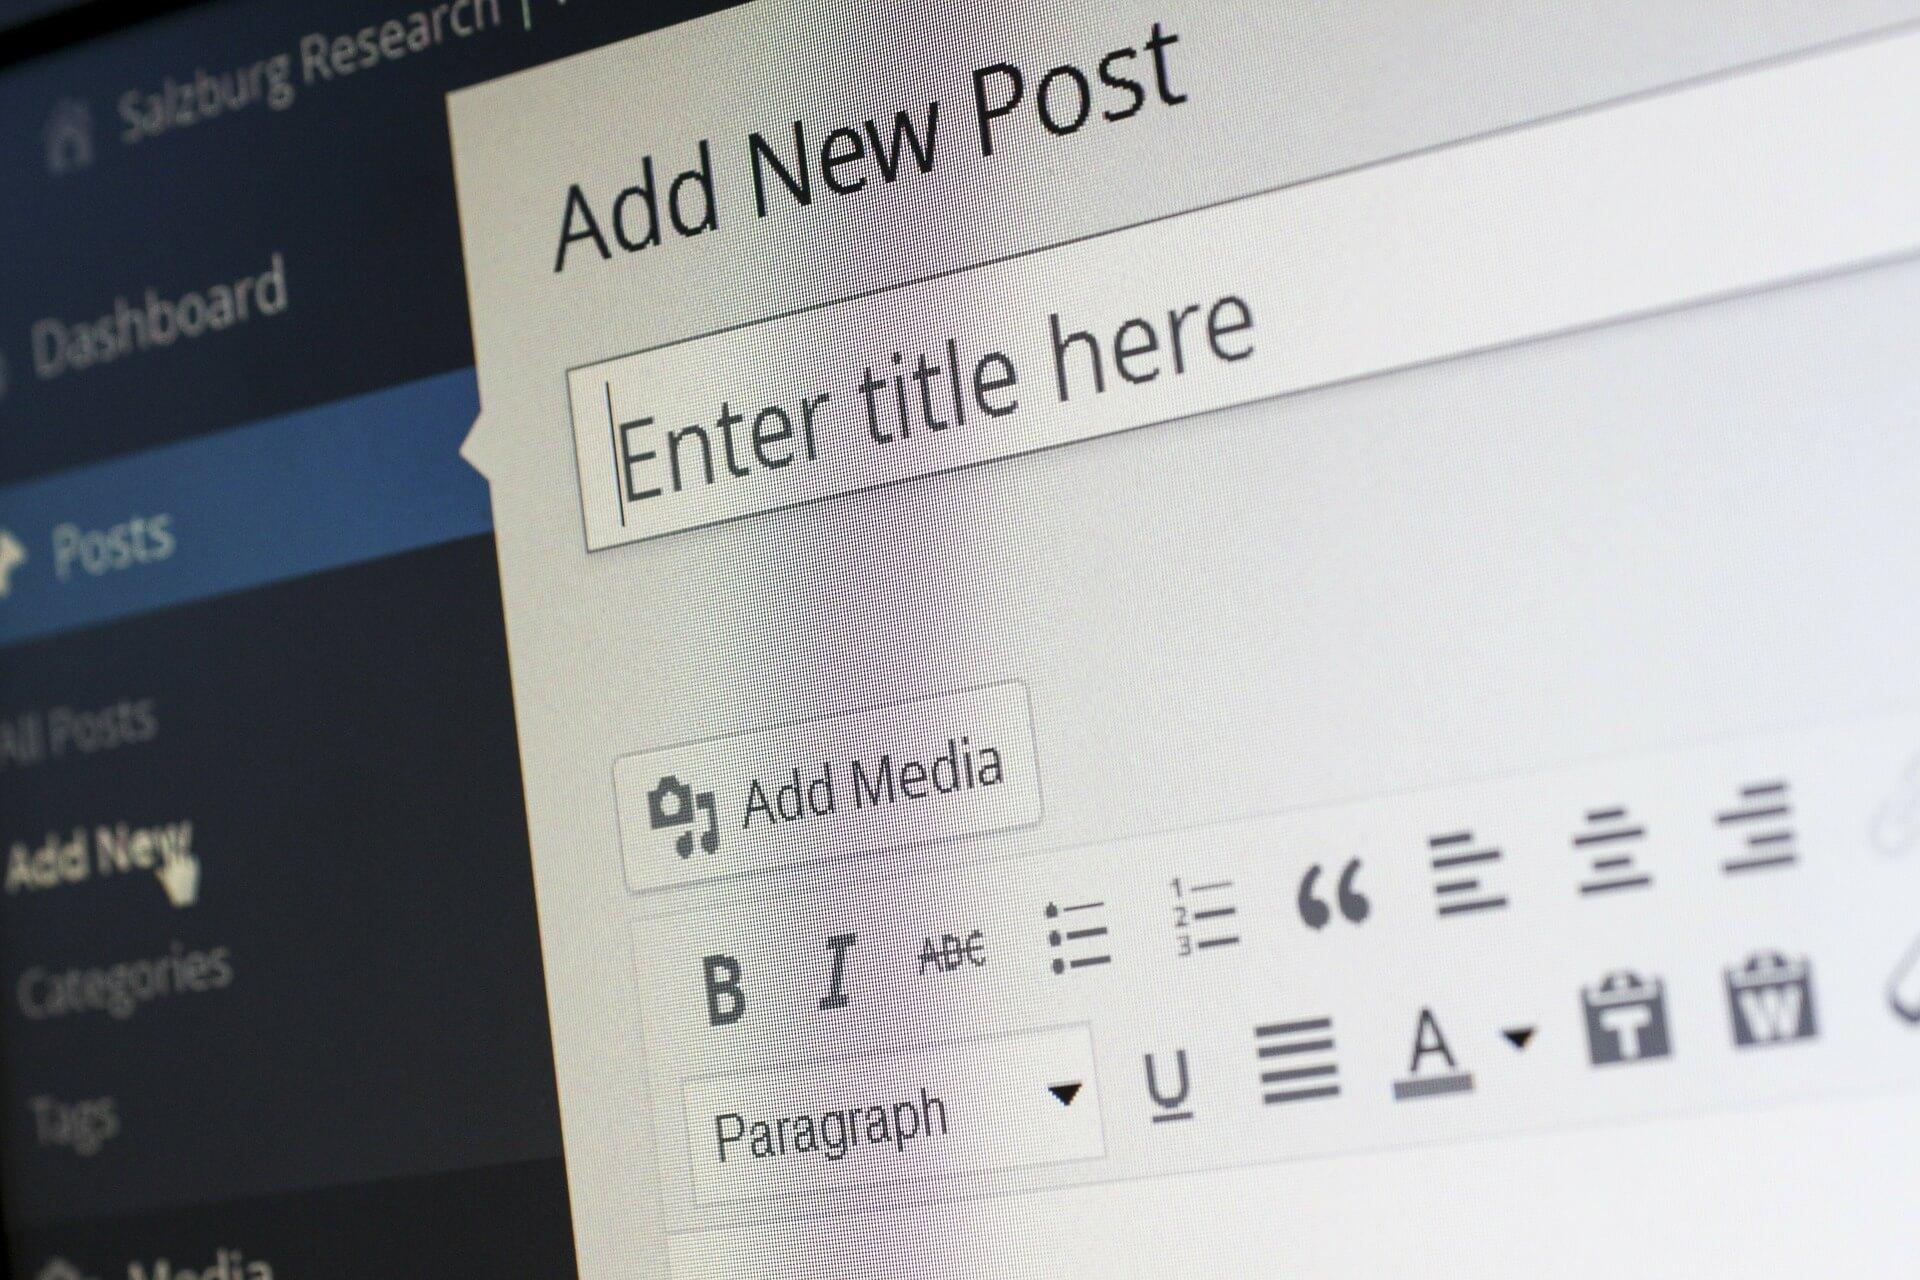 Viết blog là cách được nhiều giảng viên online ưa chuộng nhờ hiệu quả lâu dài